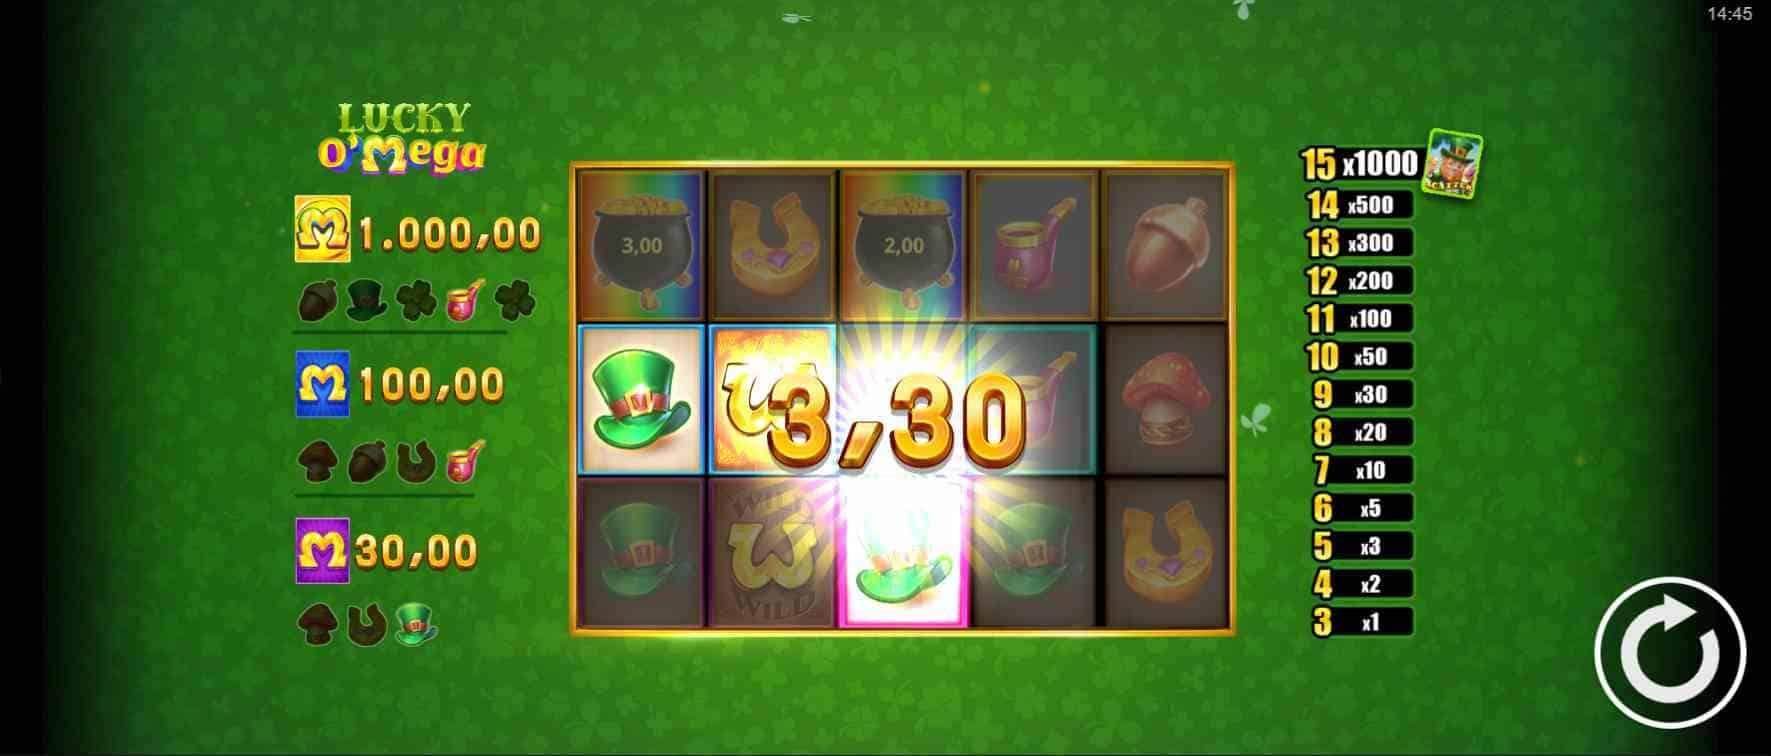 Lucky O'Mega The Base Game